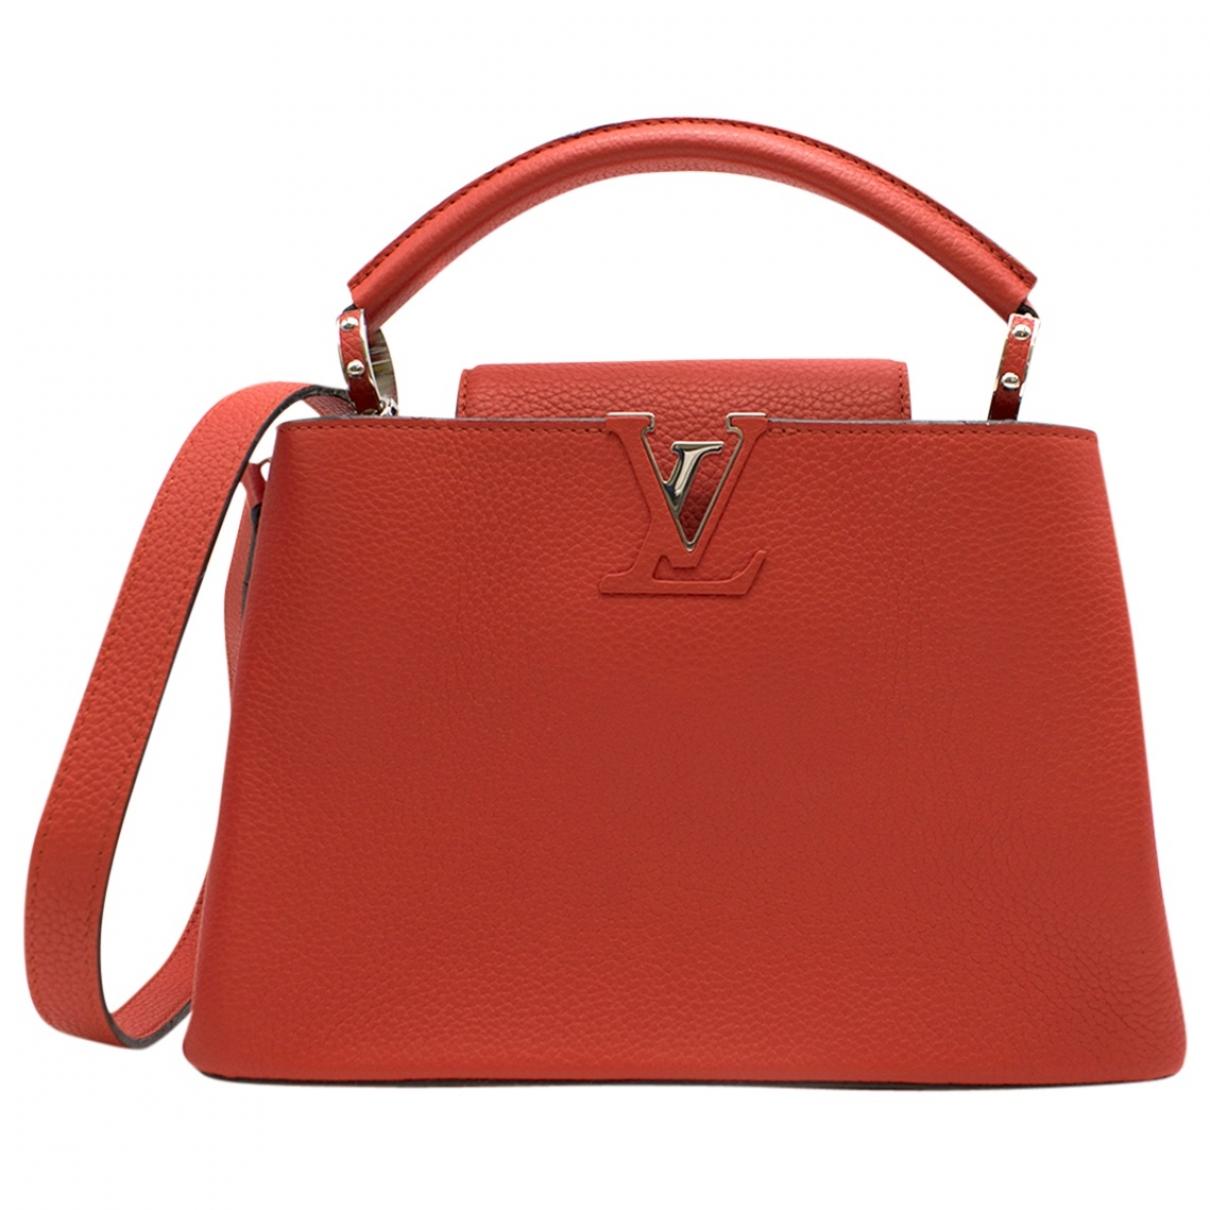 Louis Vuitton Capucines Handtasche in  Rot Leder